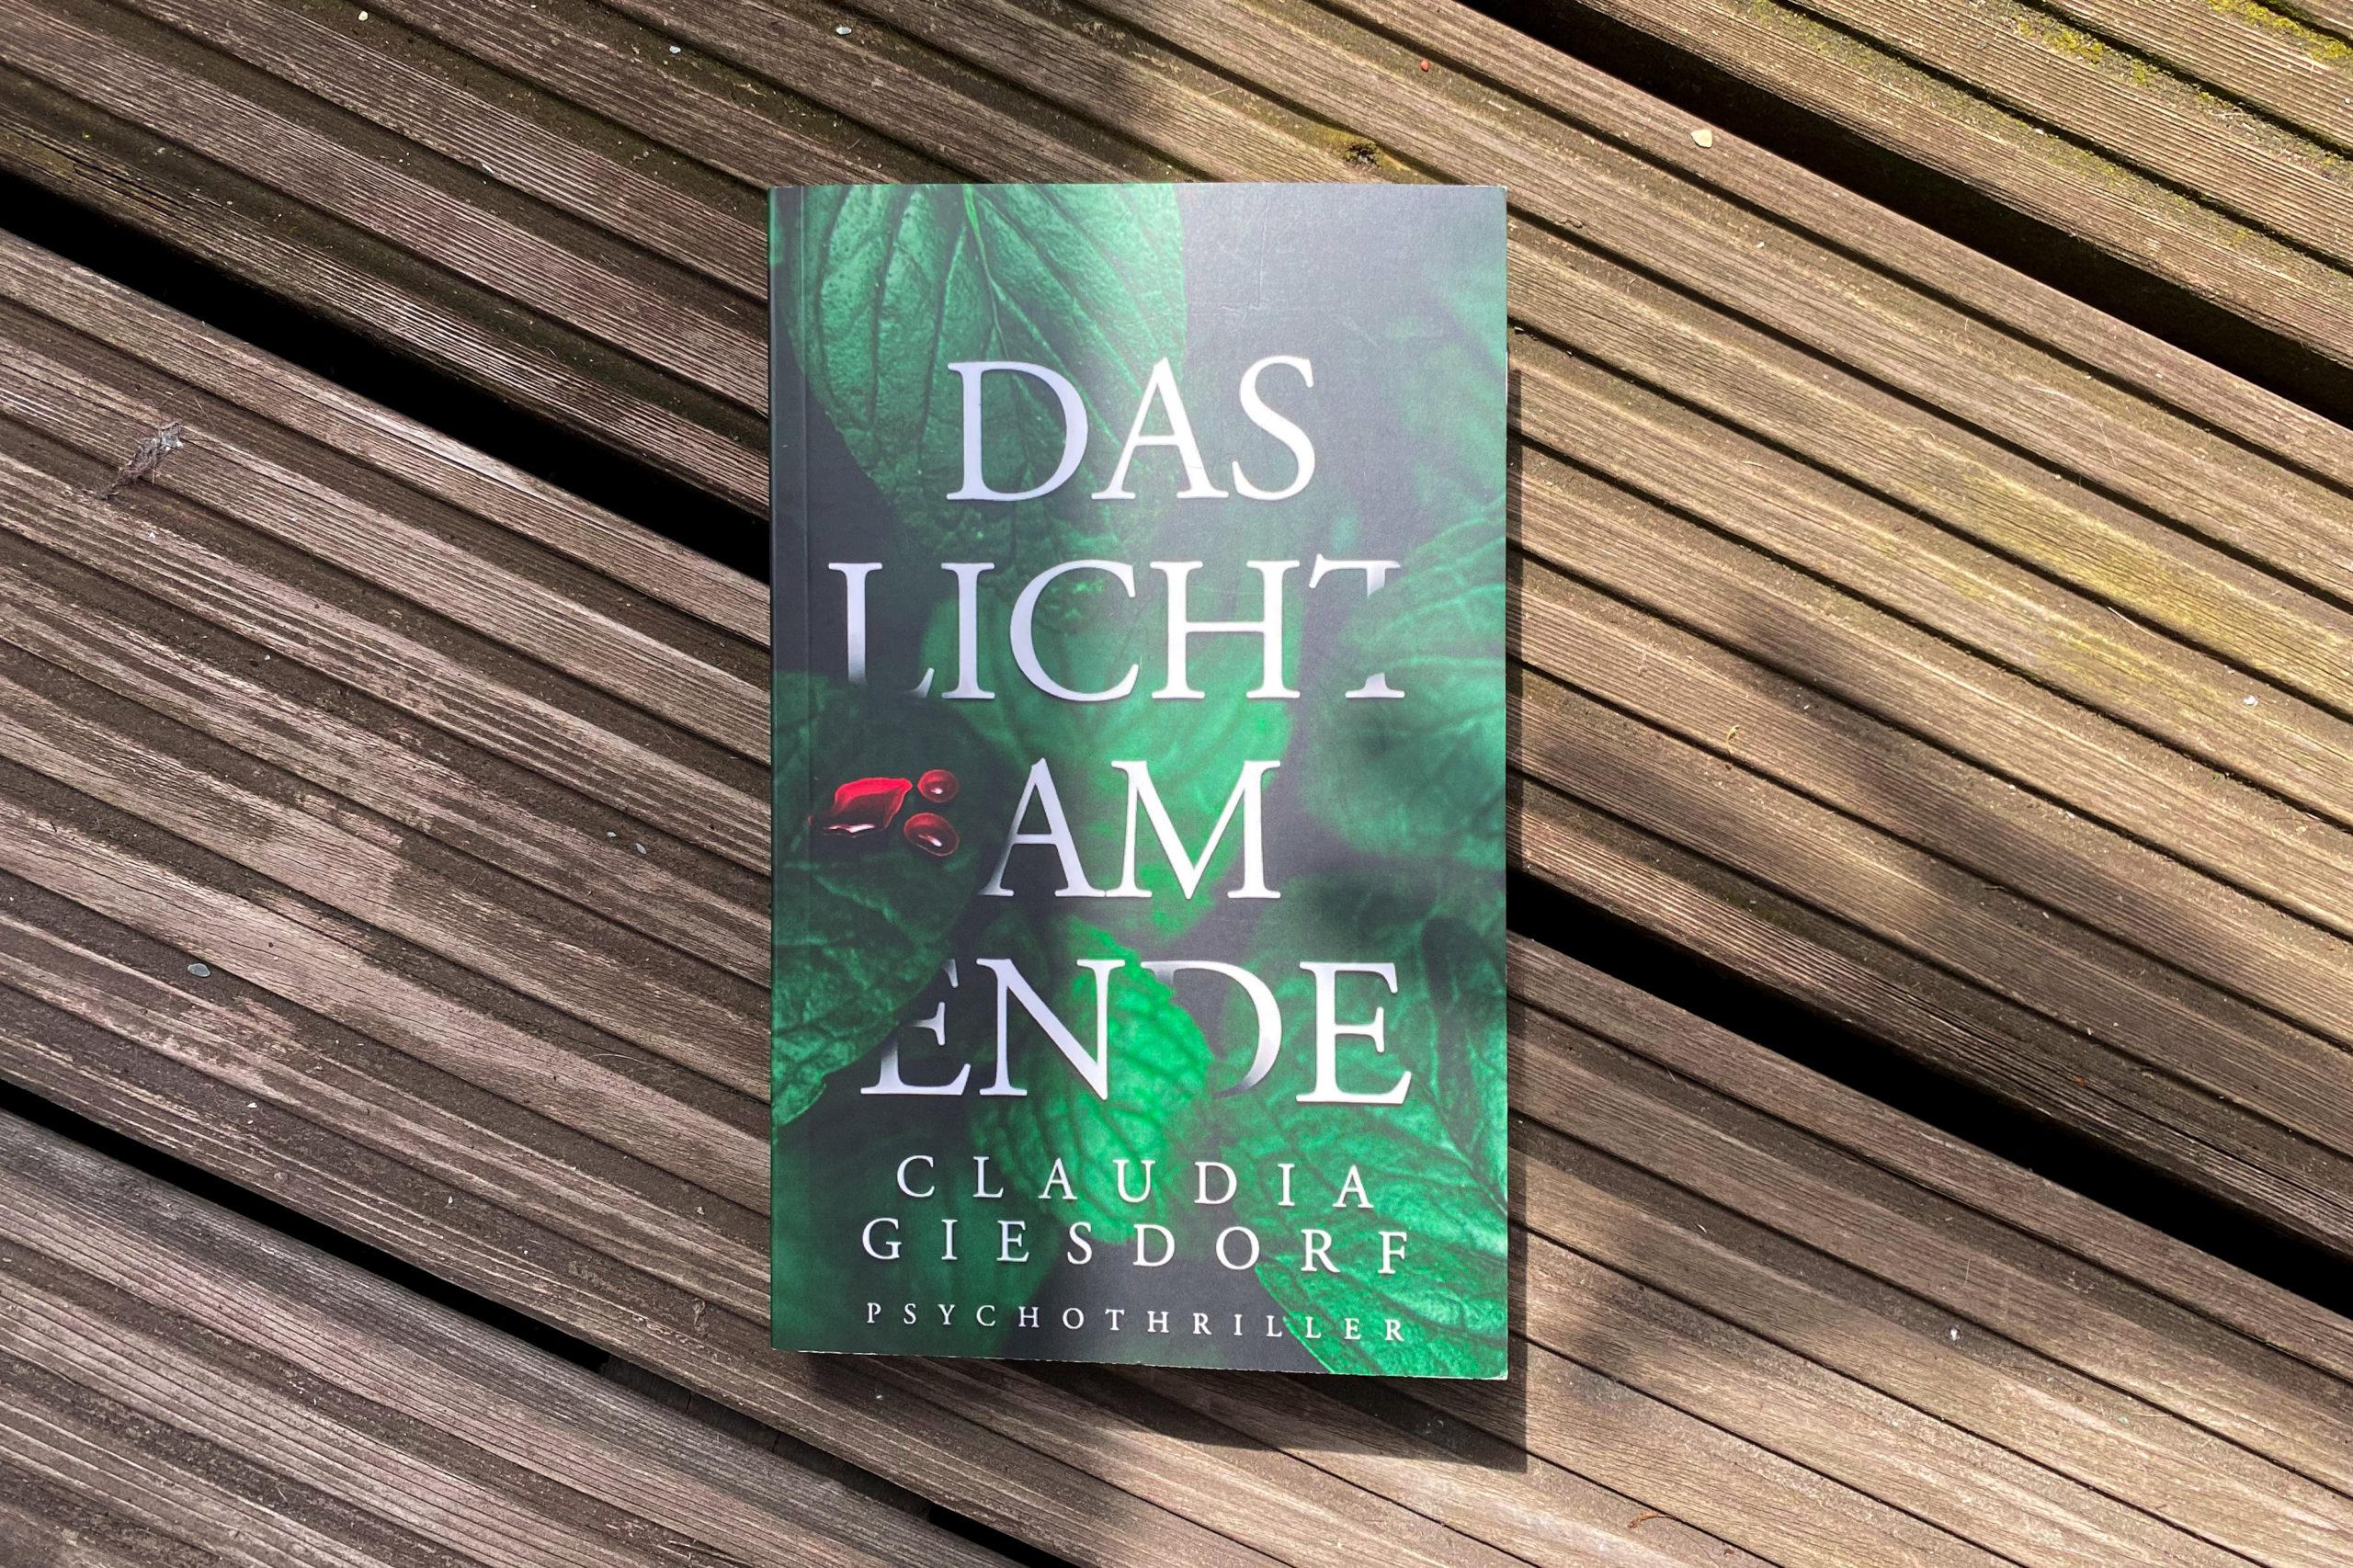 Claudia Giesdorf Das Licht am Ende Titel